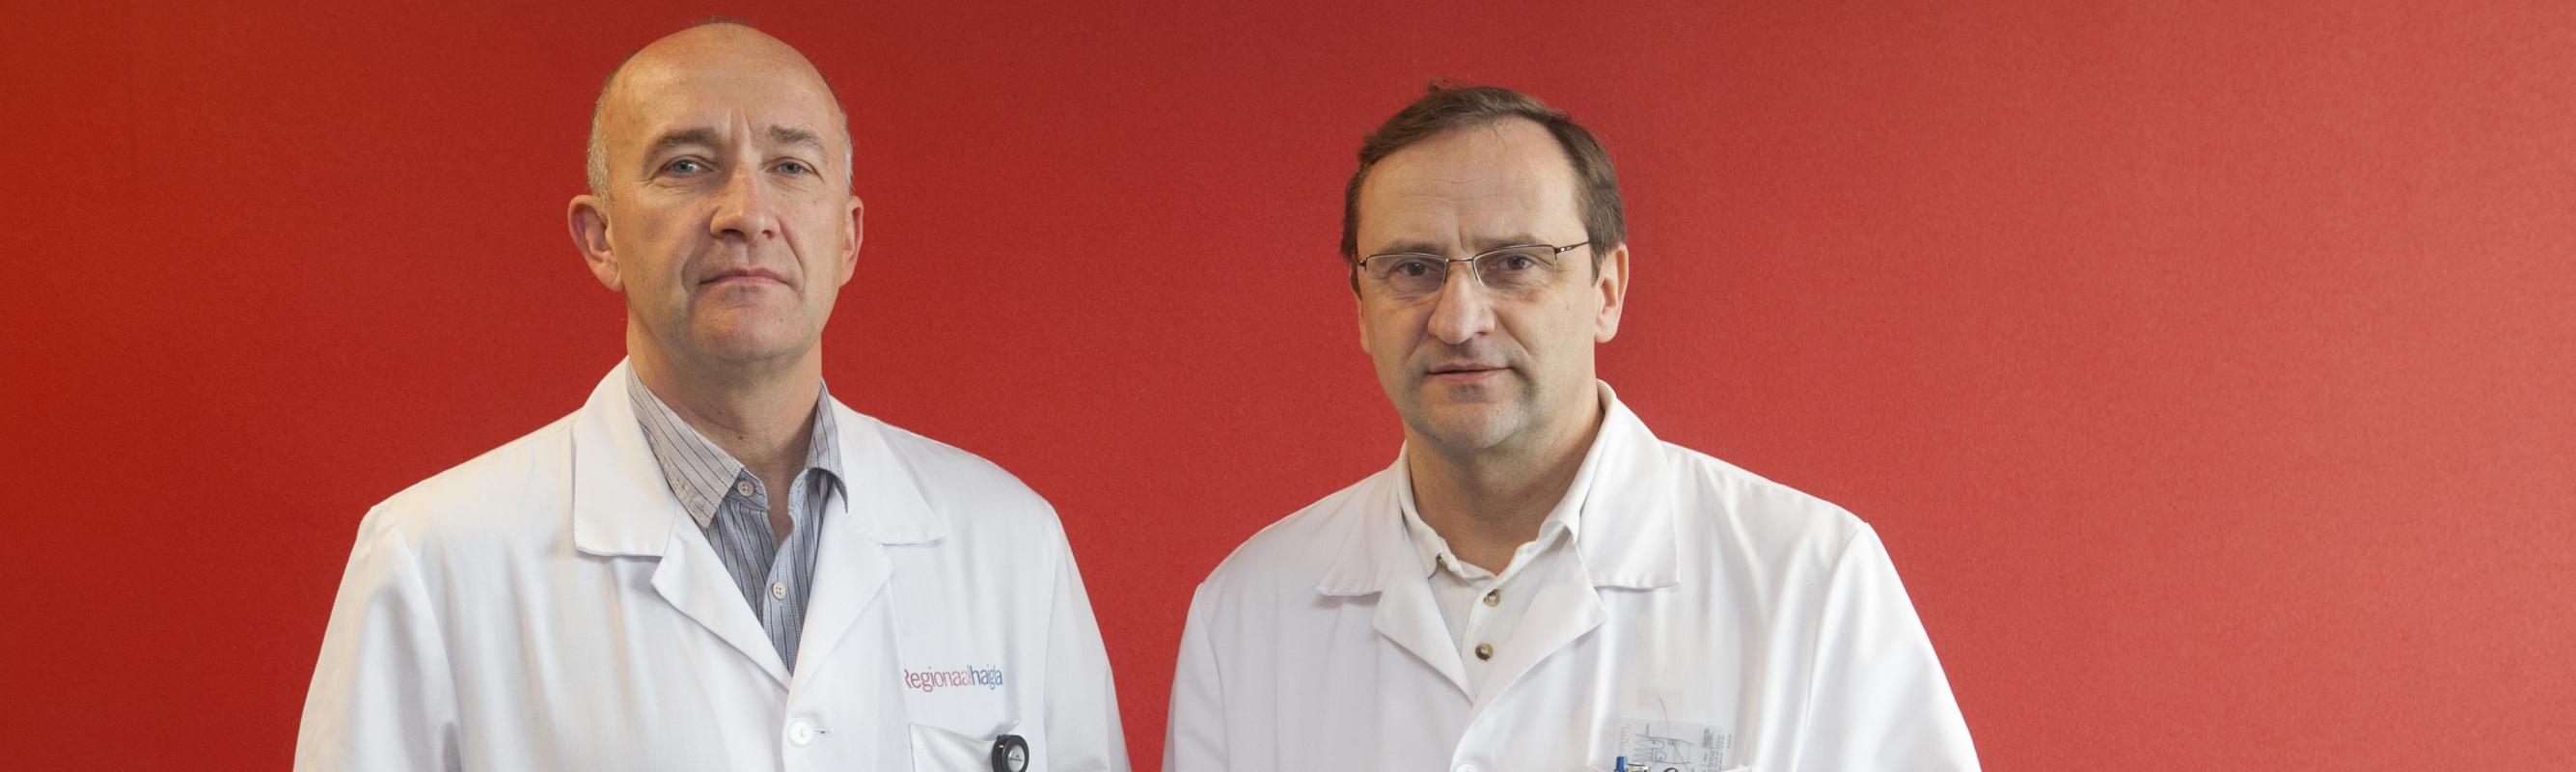 Rindkere- ja veresoontekirurgia osakonna ülemarstid dr Tõnu Vanakesa ja dr Andres Idla